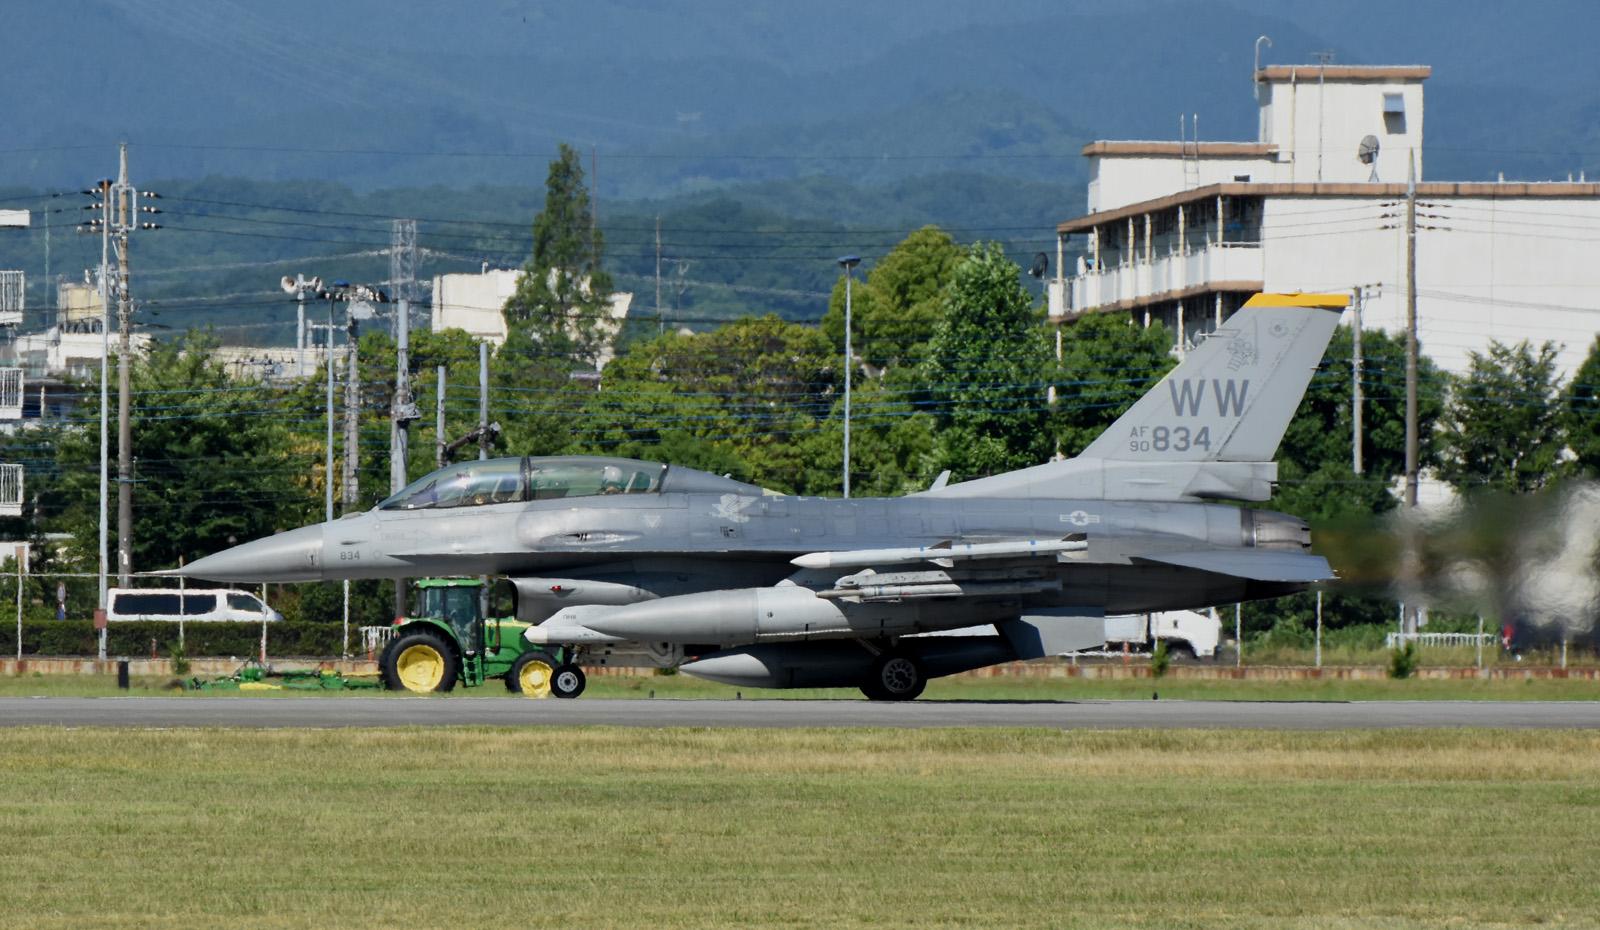 F16dm160610g913